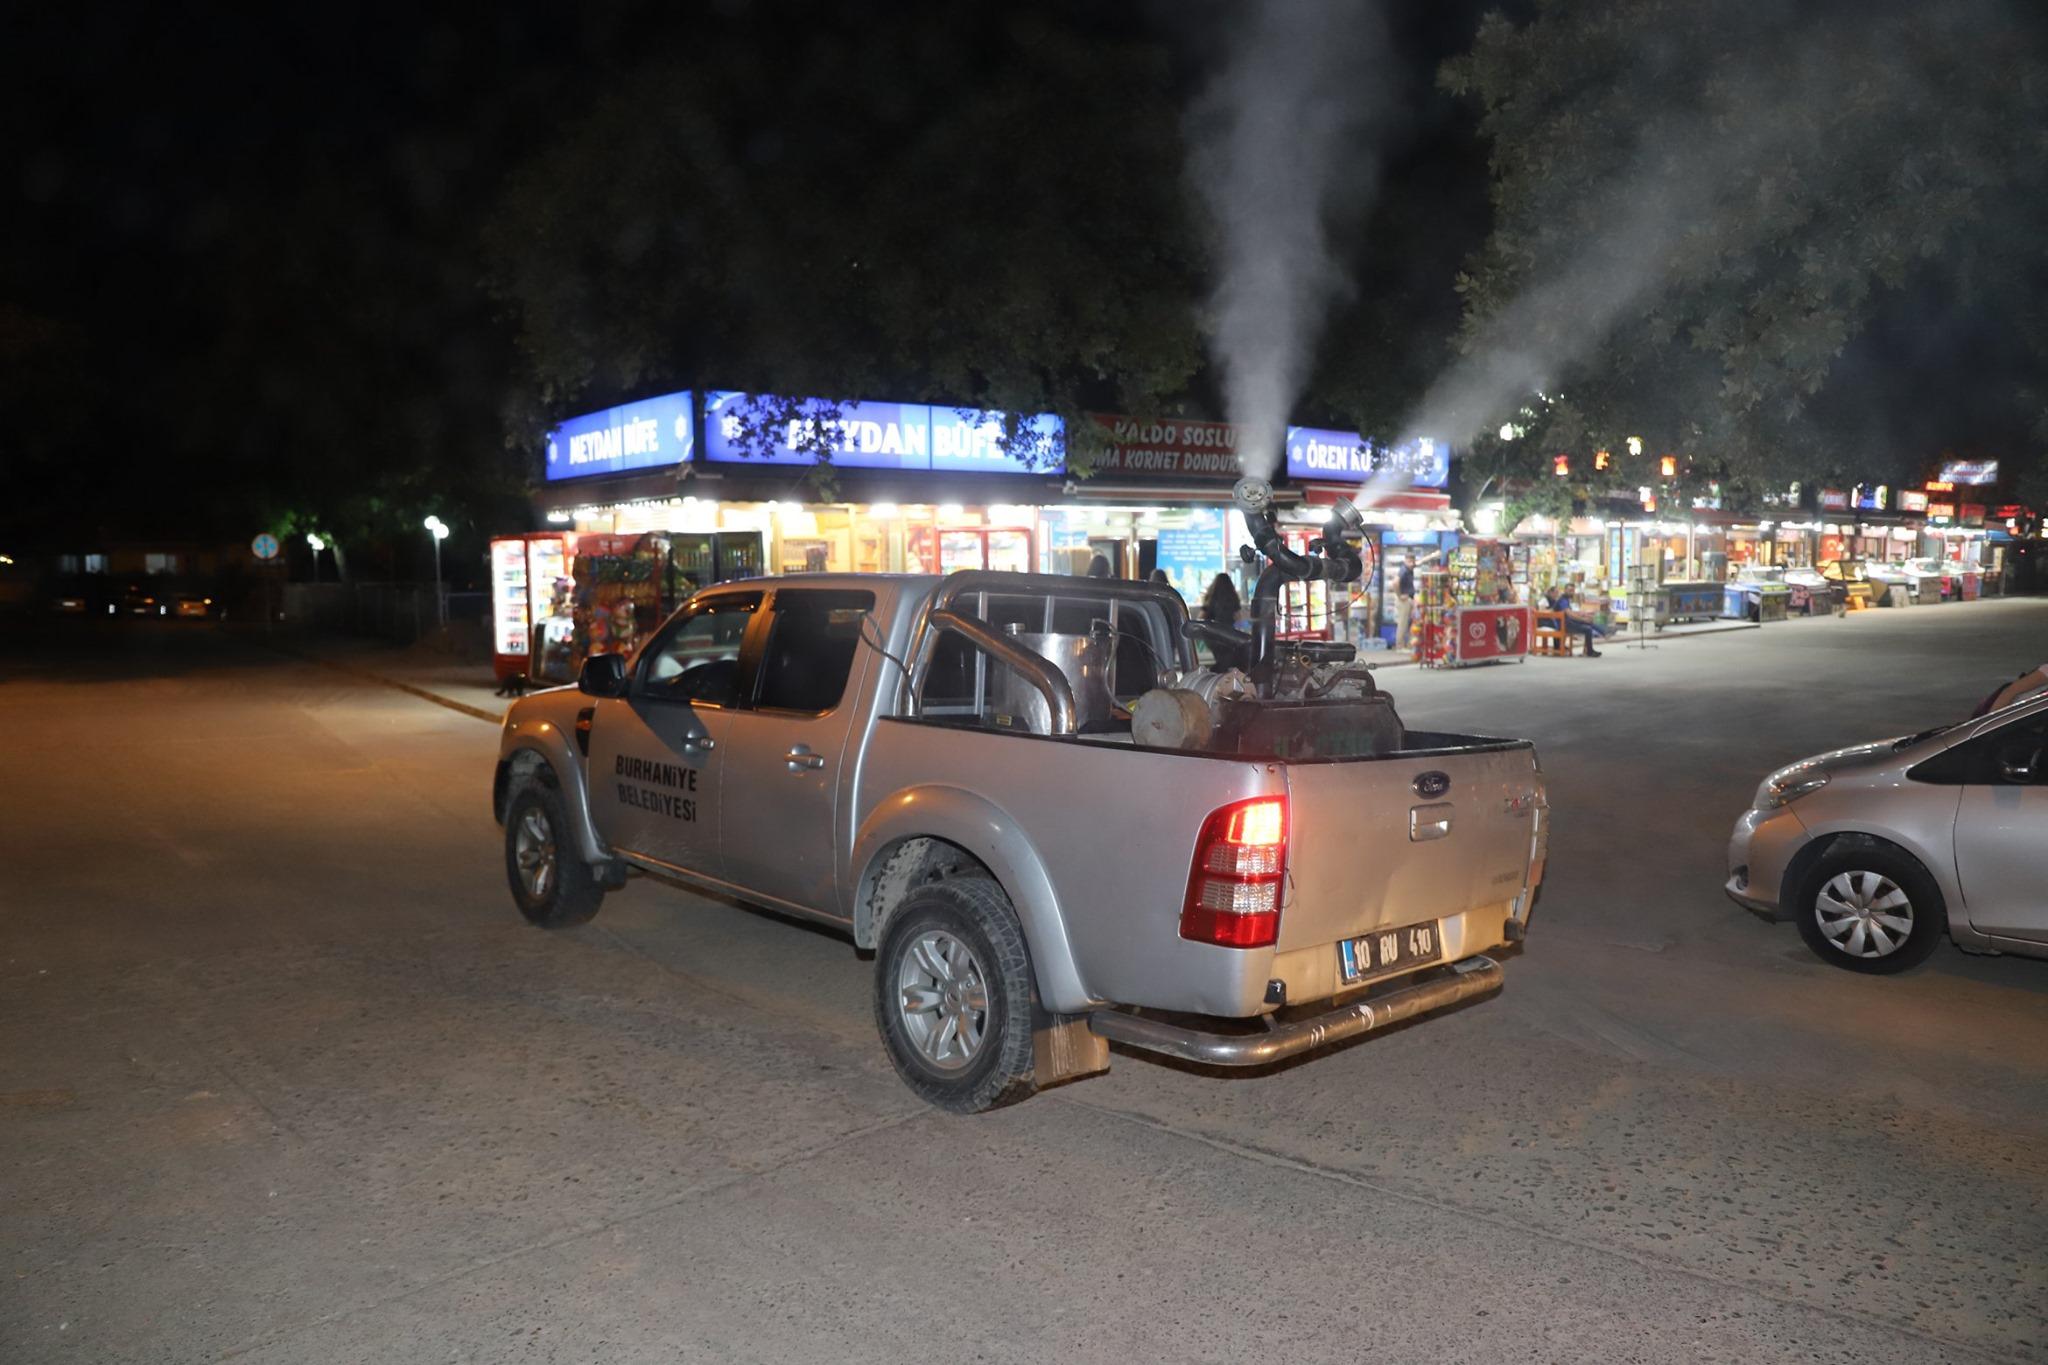 Burhaniye Belediye Ekipleri Sivrisinek Ve Haşereyle Mücadeleye Başladı